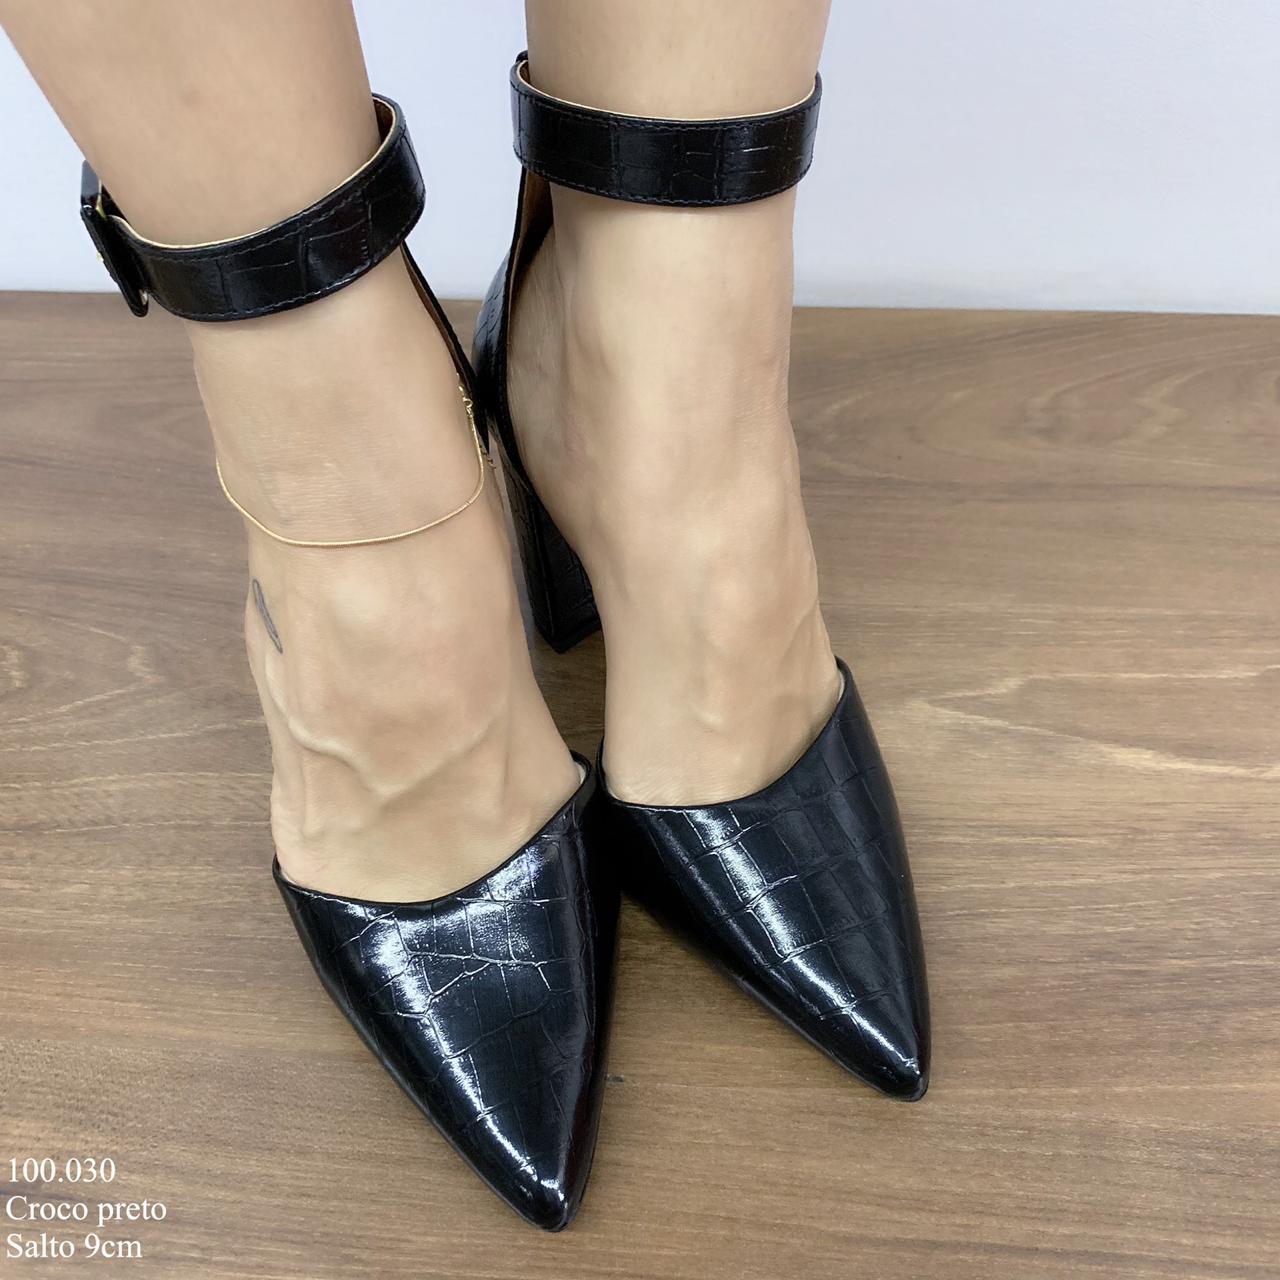 Sapato Scarpin Preto Croco | D-100.030